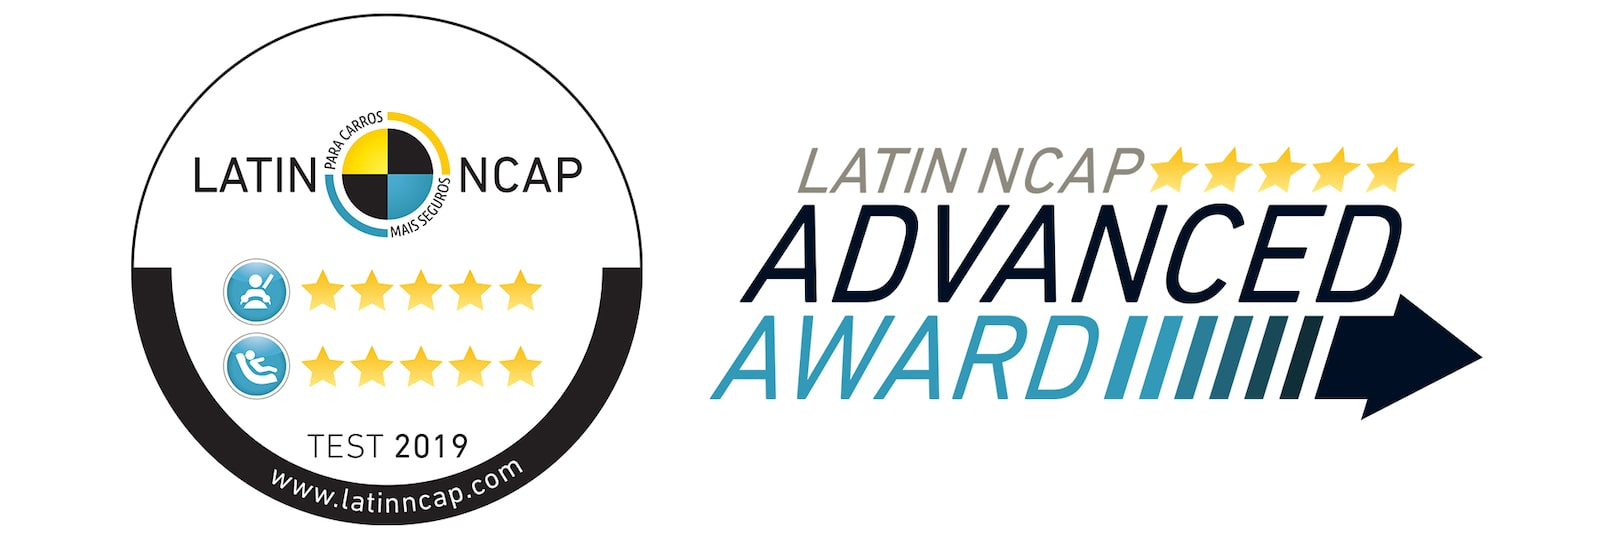 Chevrolet Onix - Tu Auto Moderno cuenta con 5 estrellas en seguridad en Latin NCAP